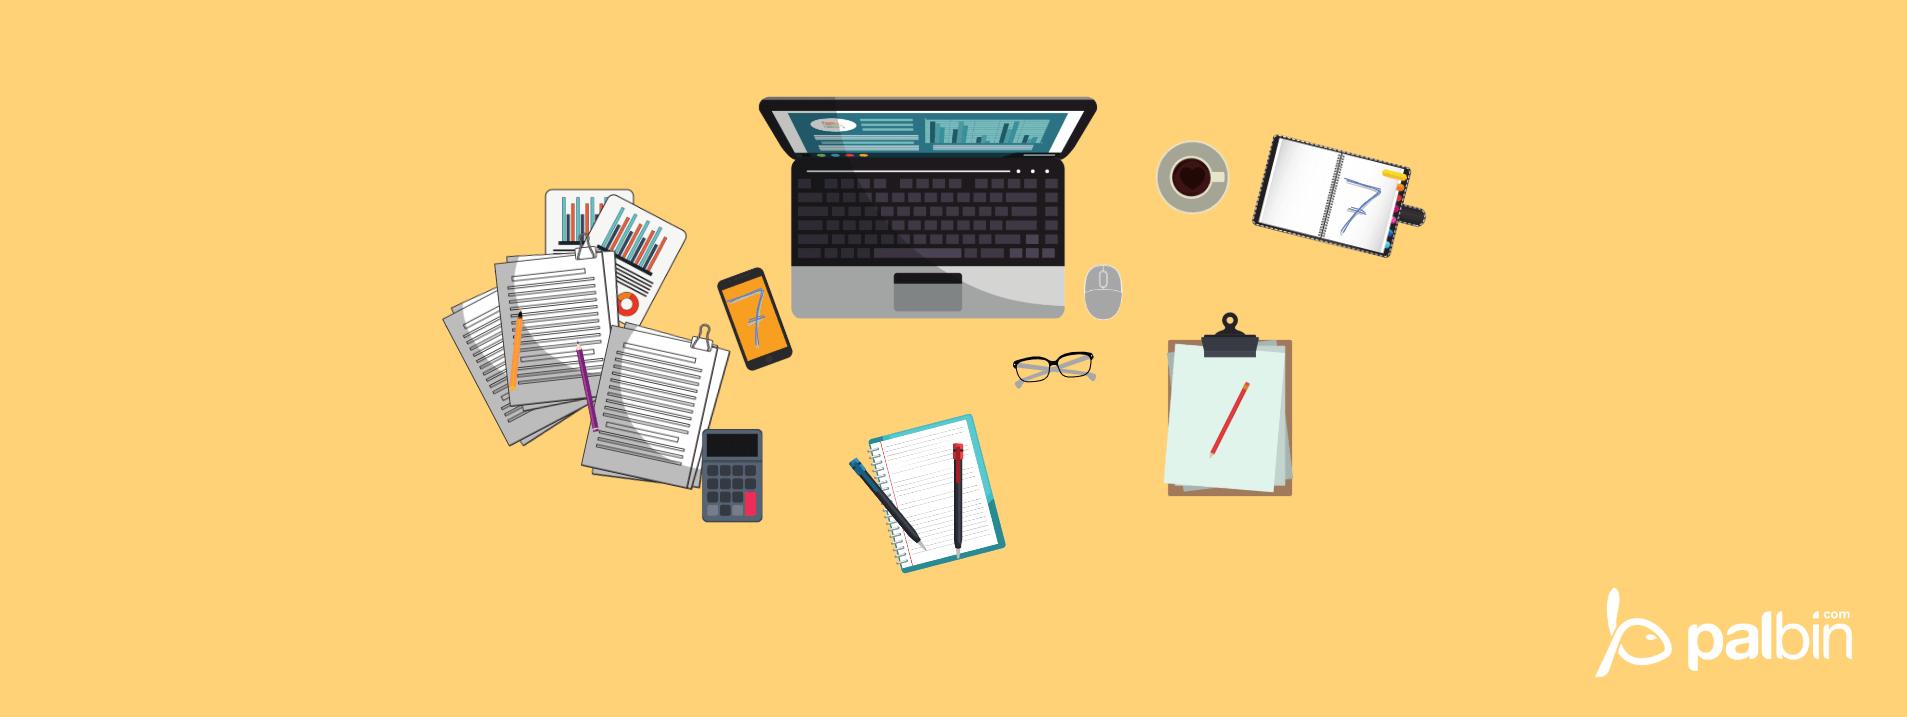 6 síntomas por los que cambiar tu página web urgentemente